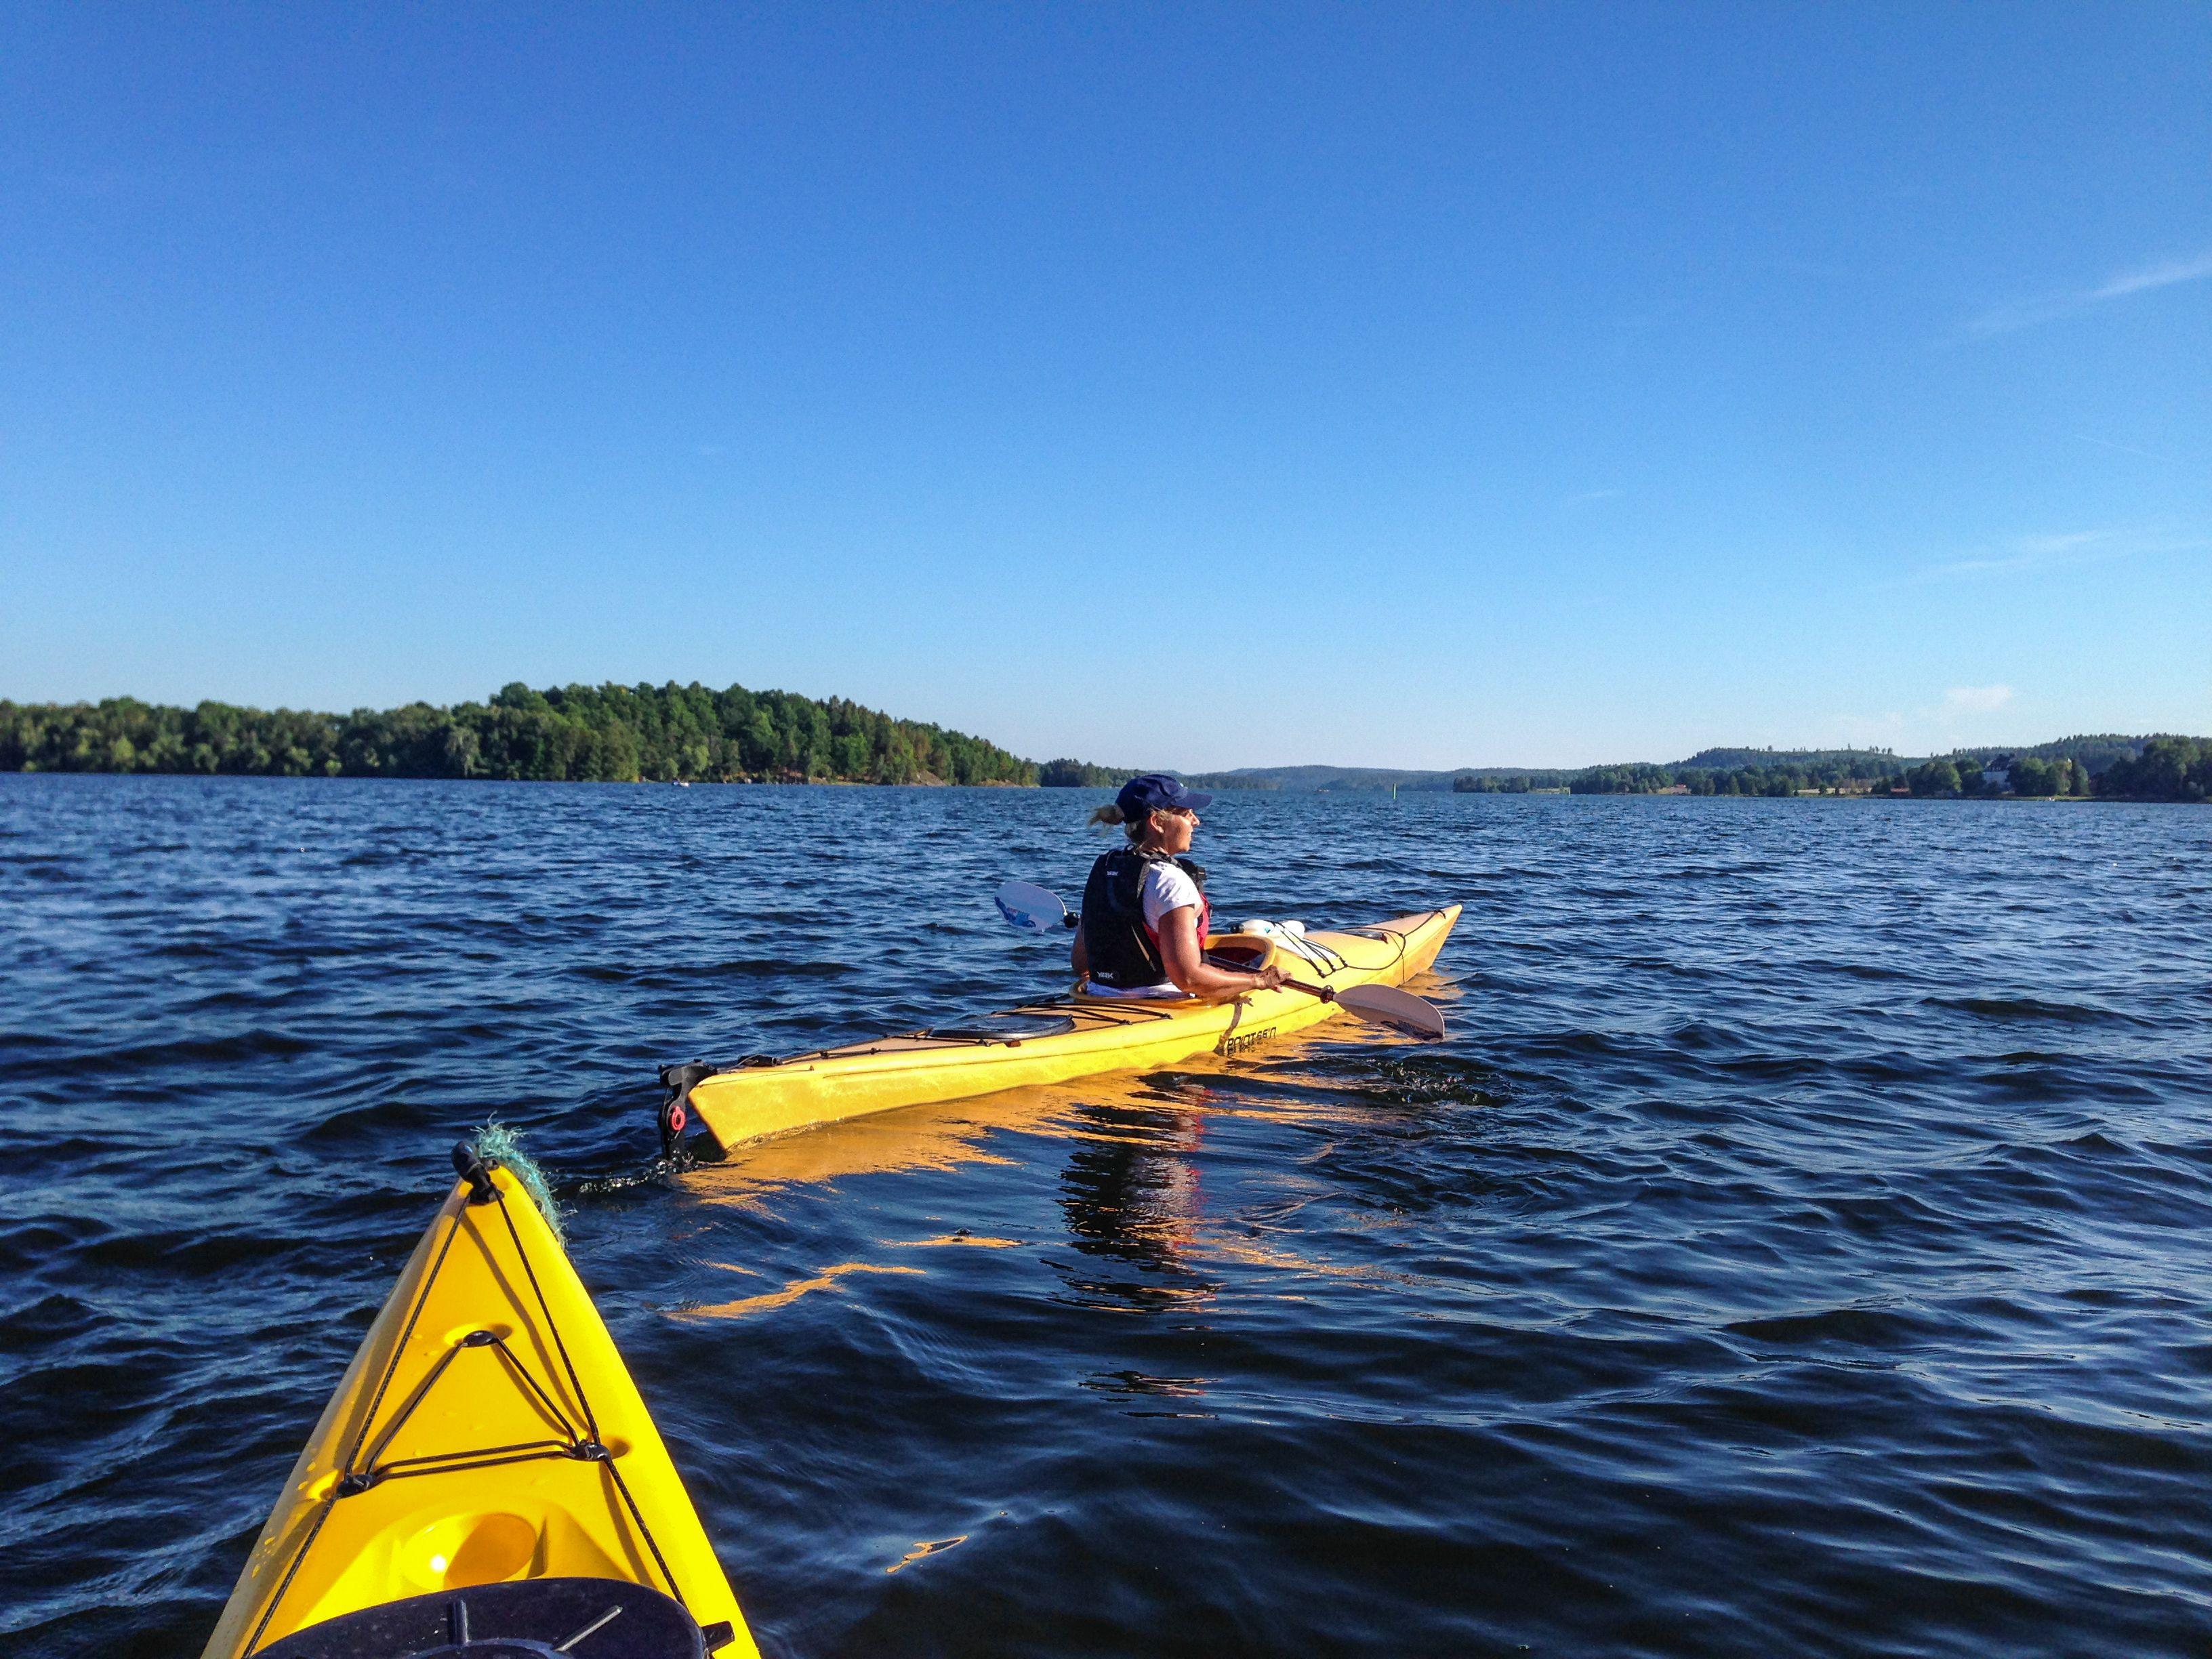 Paddling på sjön Åsunden utanför Liljeholmen